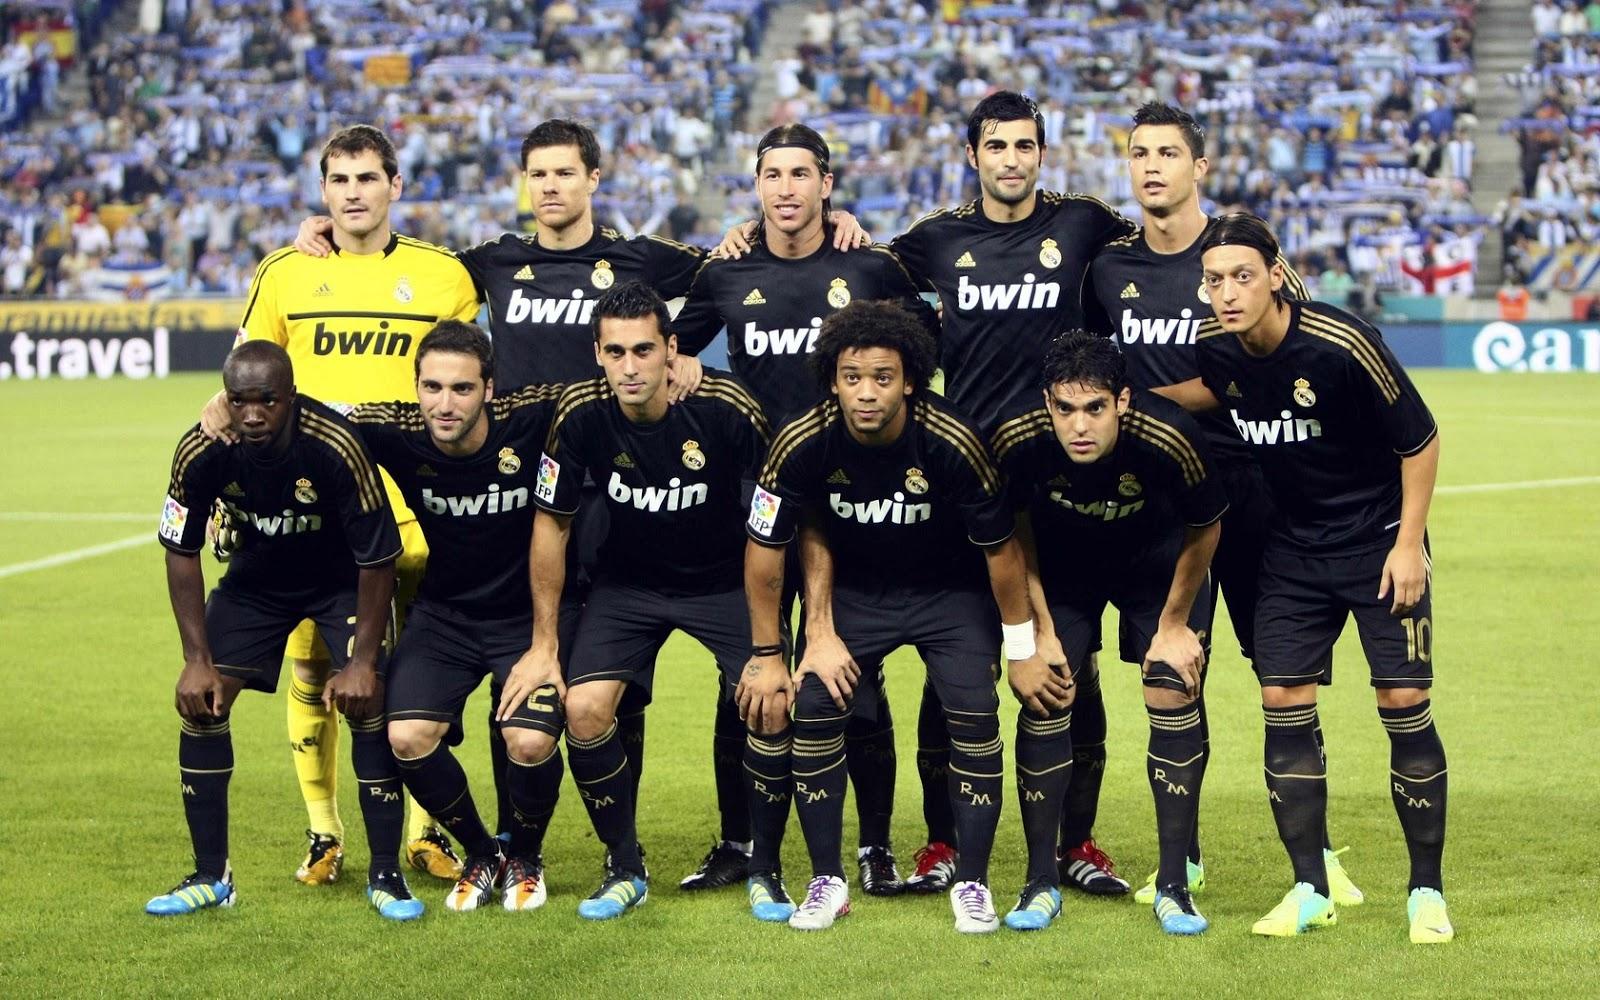 http://3.bp.blogspot.com/-tMuVkVe05wk/UQQTDeWa-gI/AAAAAAAABWA/wTGrXE4252Q/s1600/Real-Madrid-team-wallpapers-+02.jpg